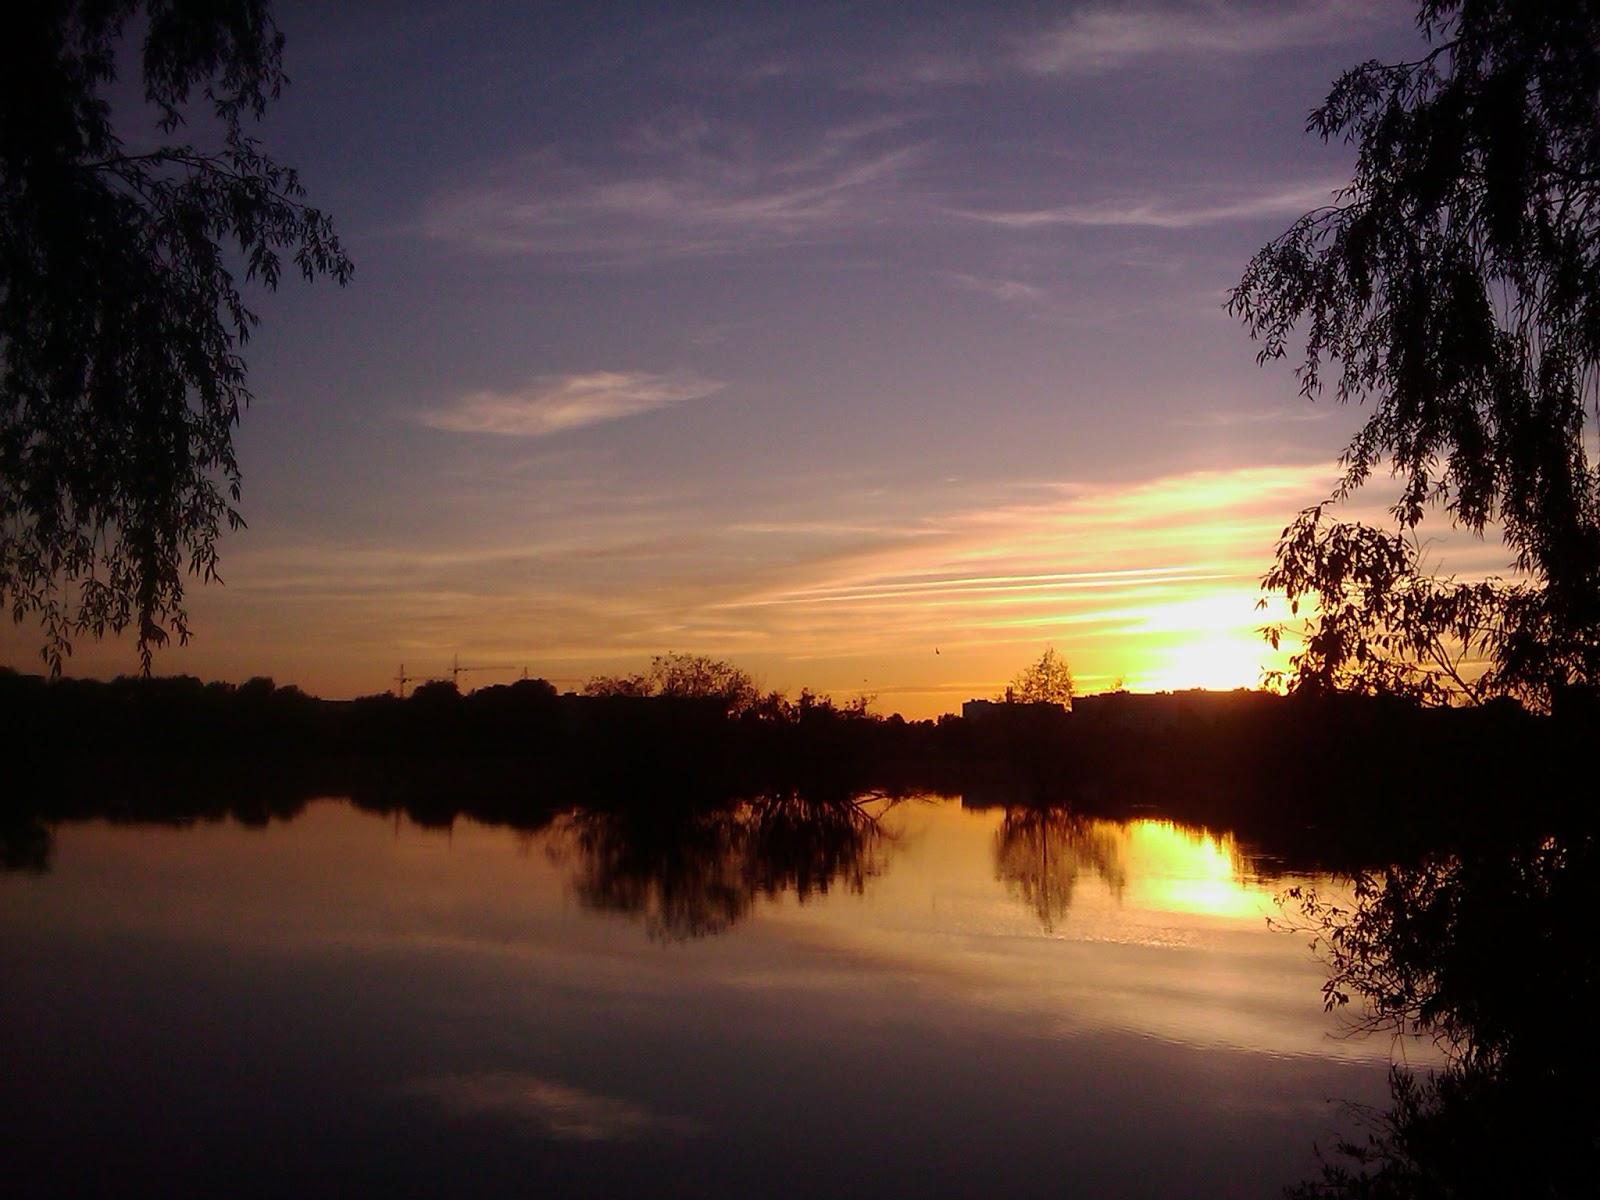 Красивый вечерний закат над водой